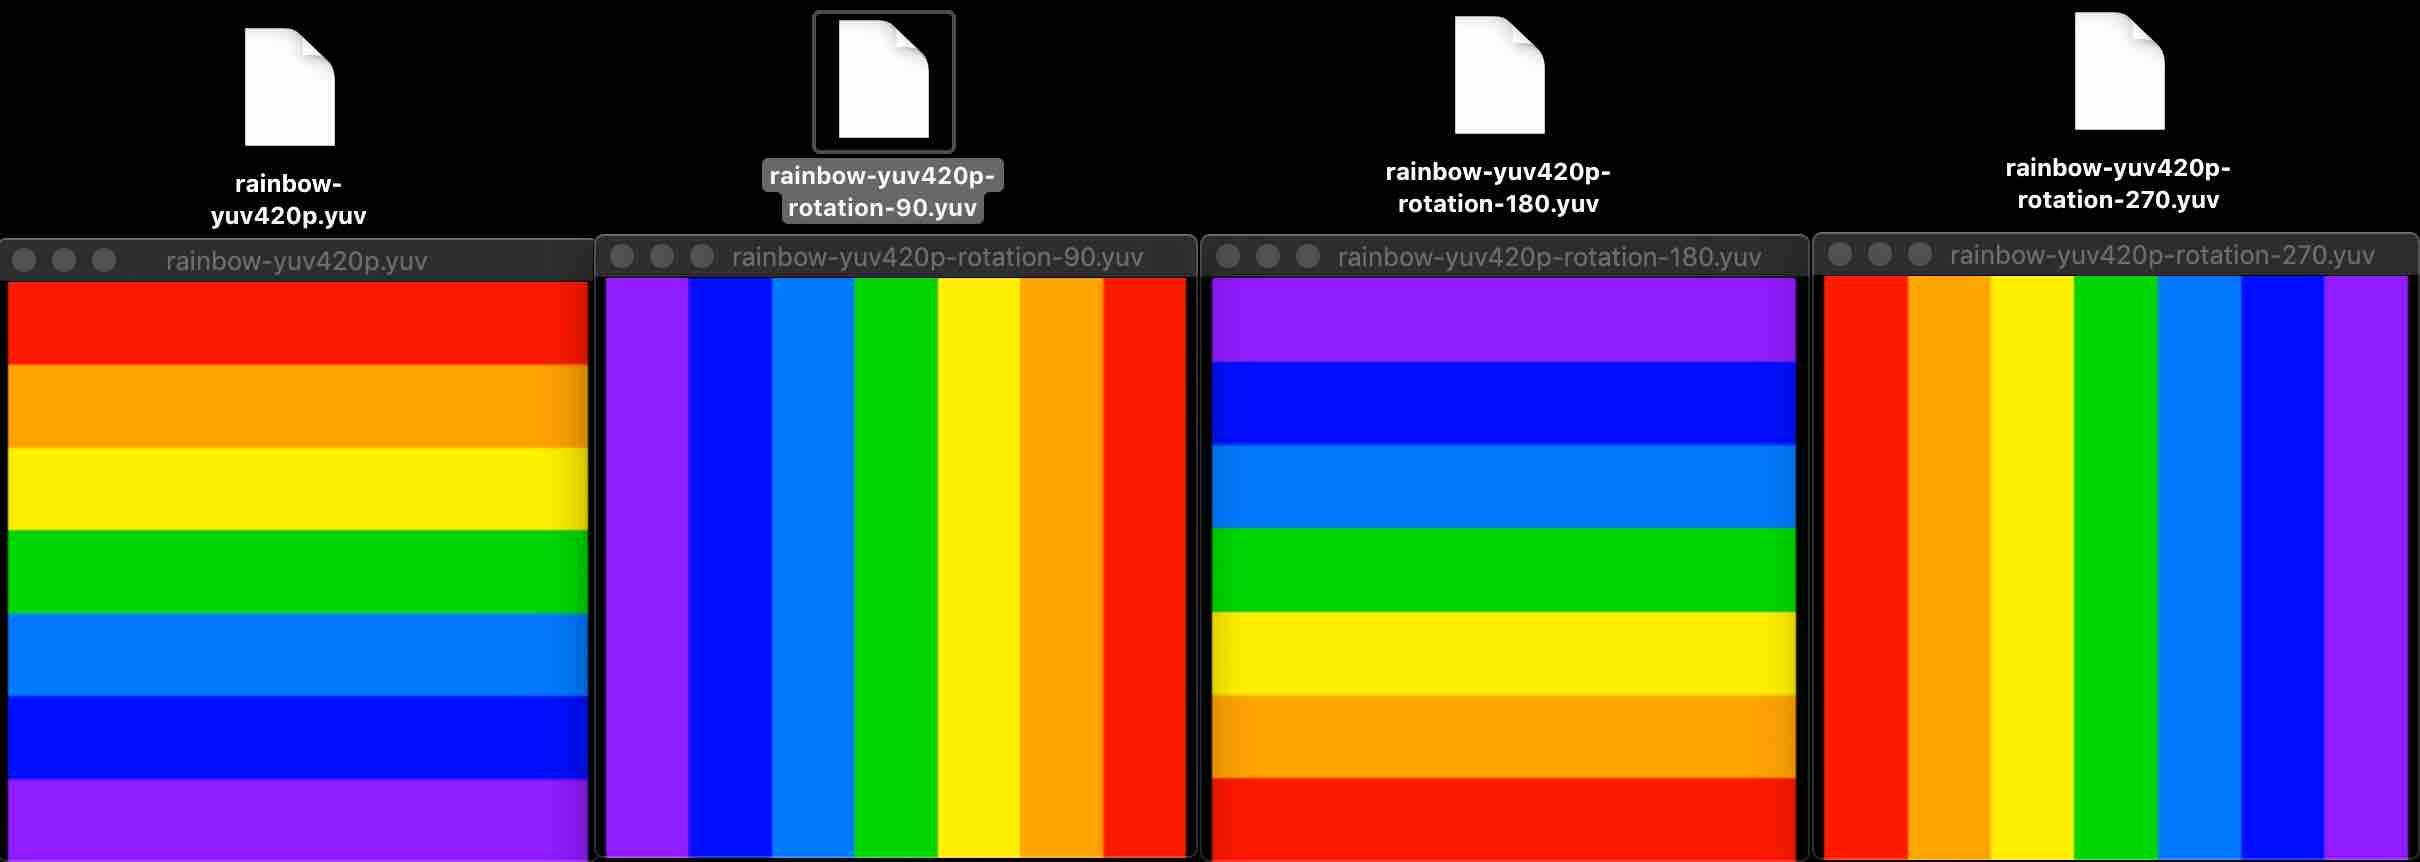 libyuv-yuv420p-rotation.jpg